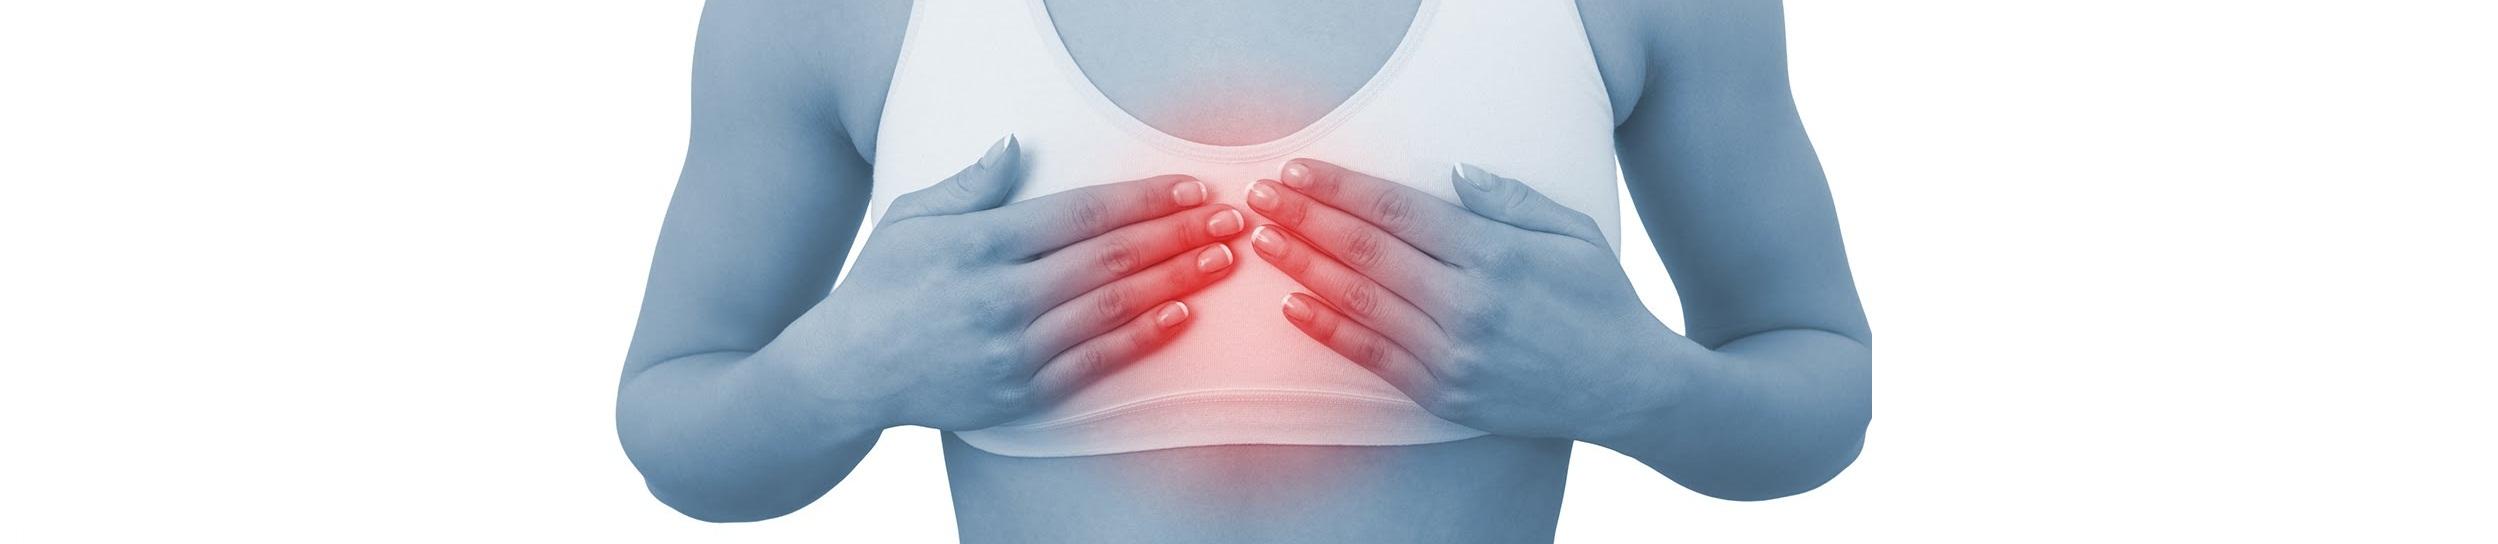 7 причин опоясывающей боли в области груди и спины. Связь с болезнями, проверьте себя.